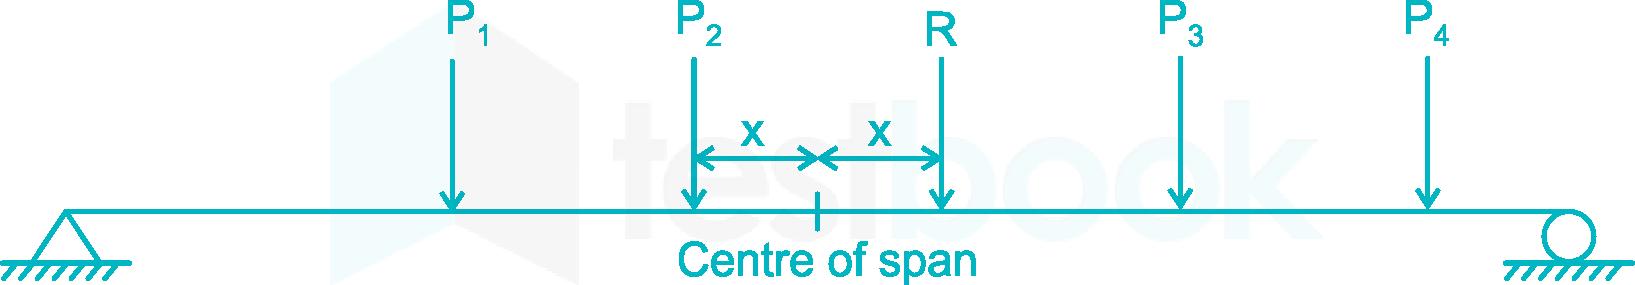 Diagram 22-3-2017